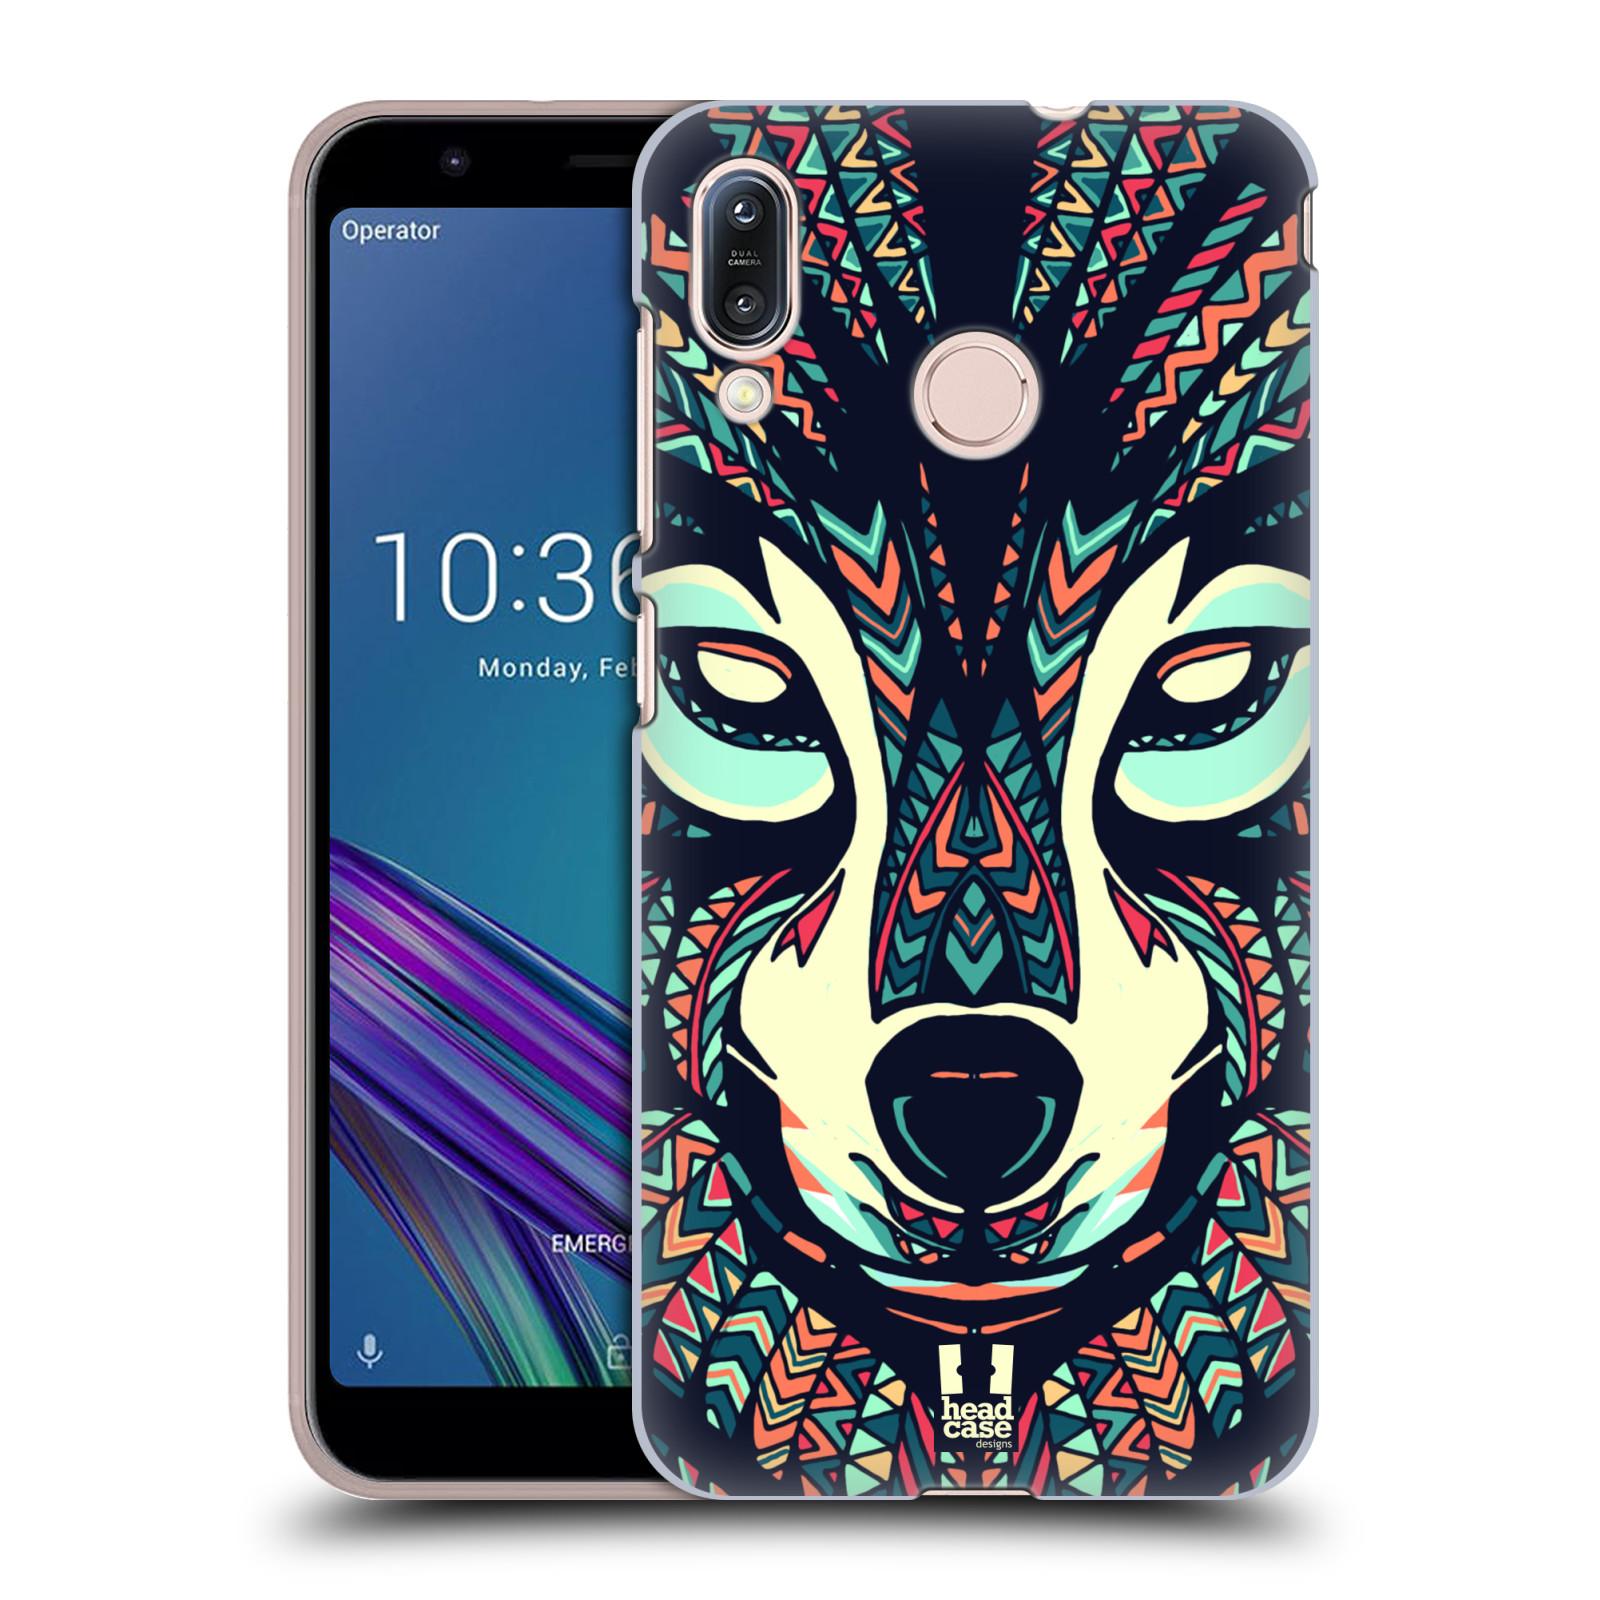 Pouzdro na mobil Asus Zenfone Max M1 (ZB555KL) - HEAD CASE - vzor Aztécký motiv zvíře 3 vlk